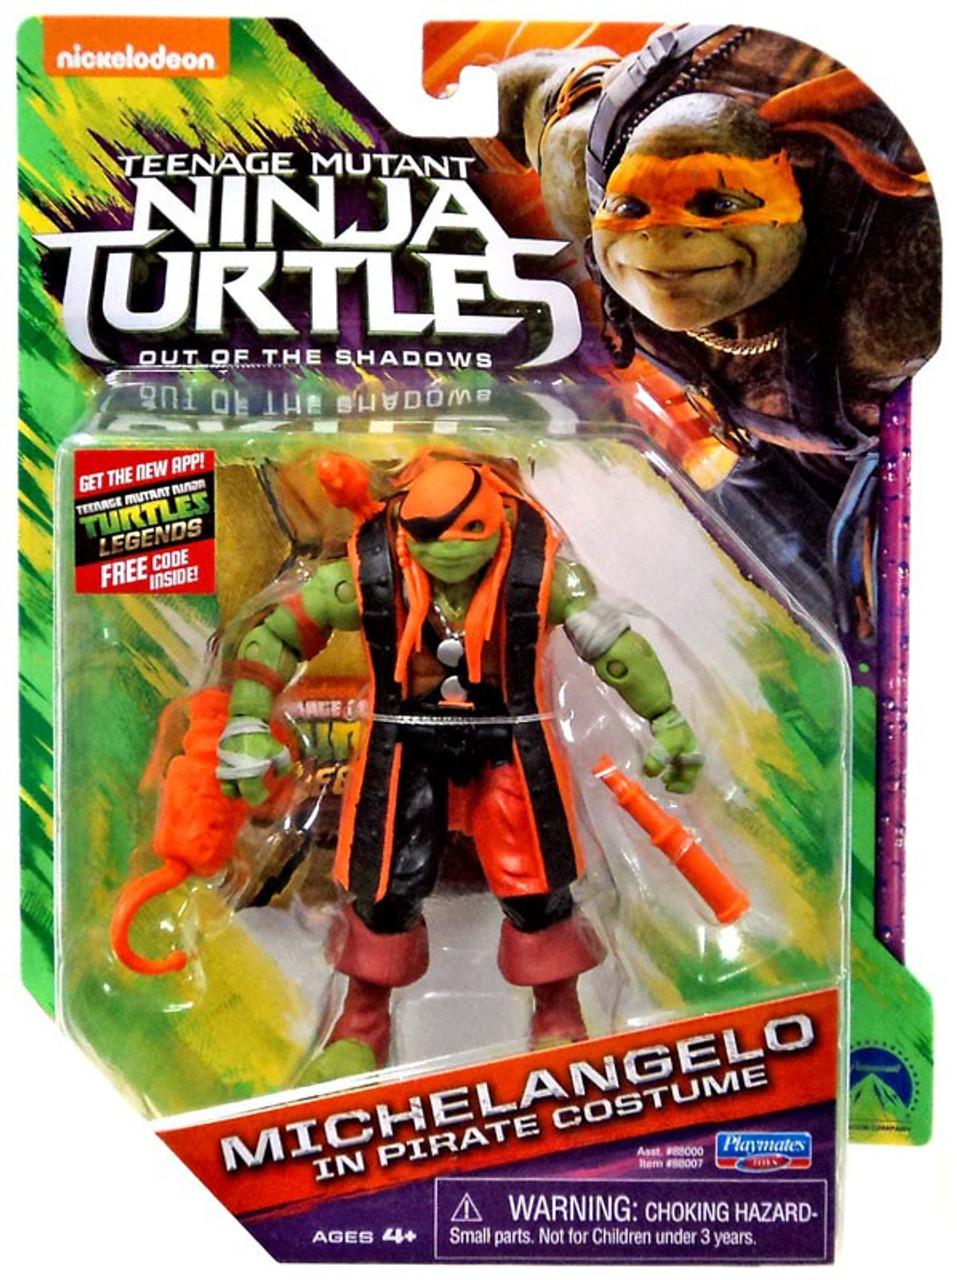 Teenage Mutant Ninja Turtles Out Of The Shadows Michelangelo In